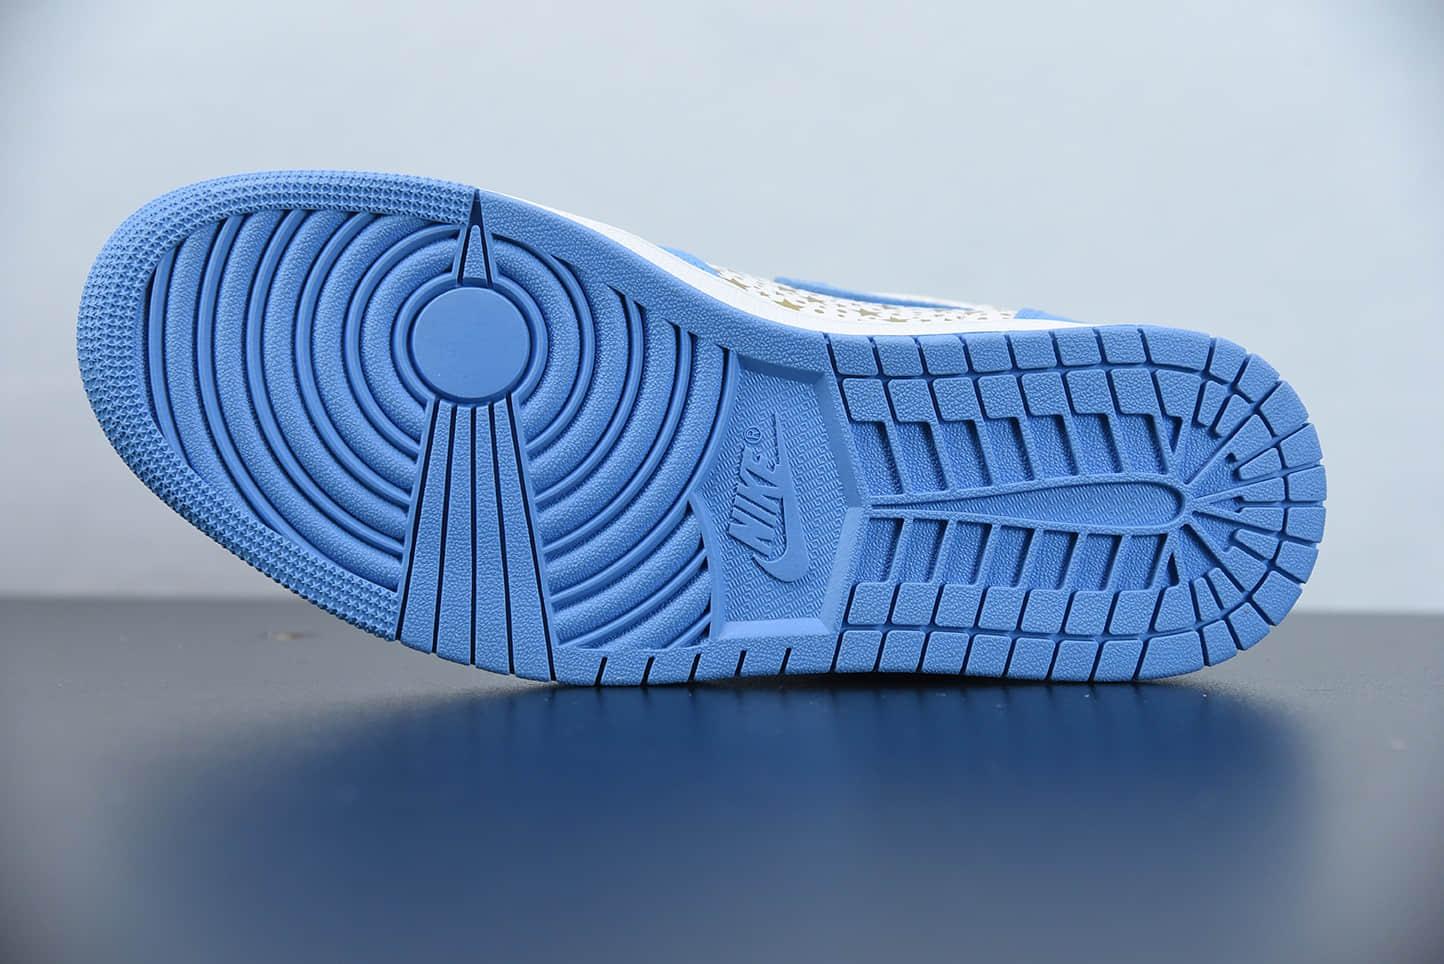 """乔丹Supreme x AirJordan Retro AJ1""""蓝色星星复古高帮板鞋纯原版本 货号:555088-181"""